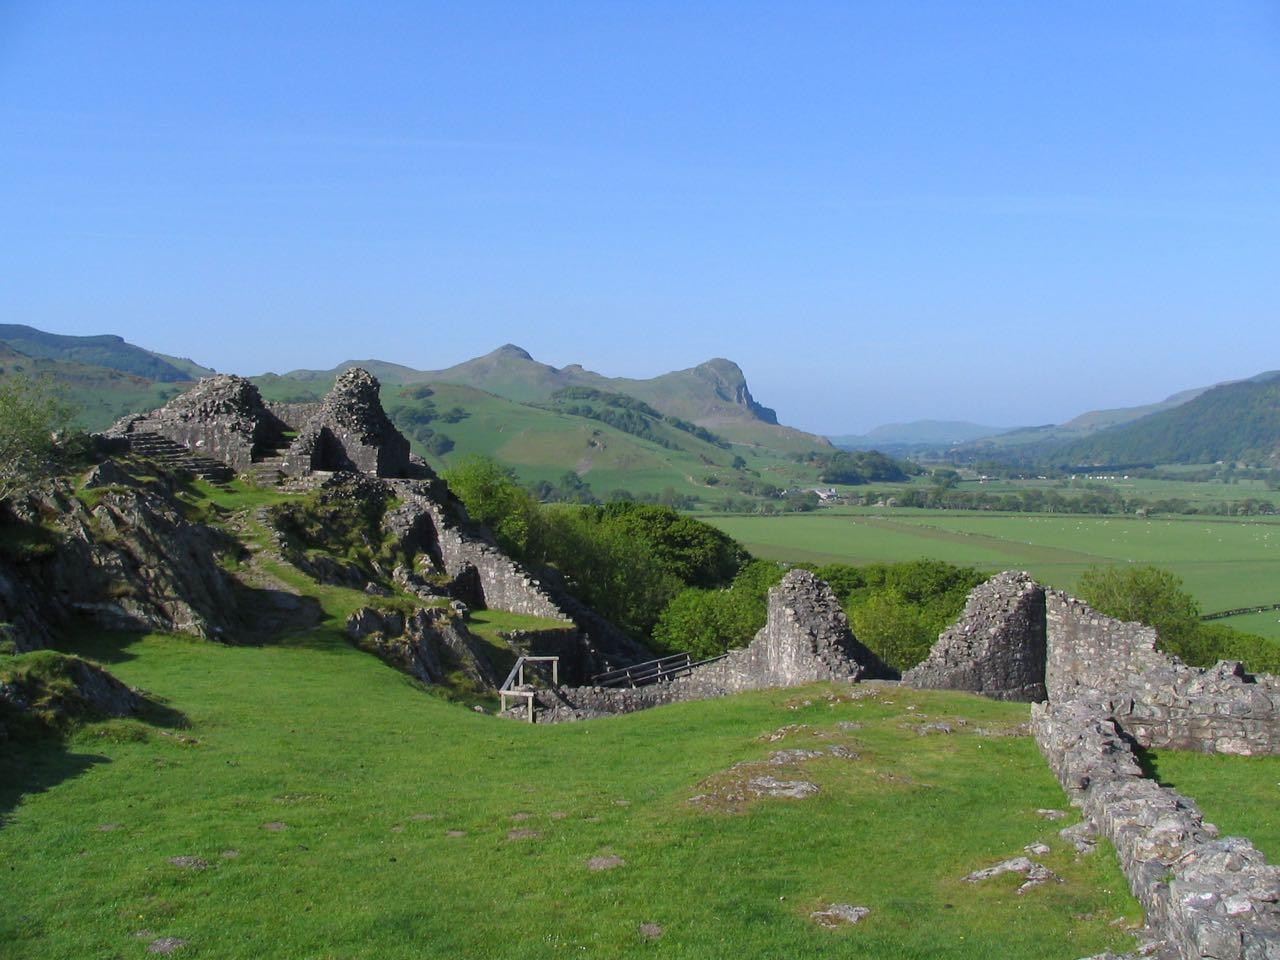 Castell y Bere Towards Craig yr Aderyn